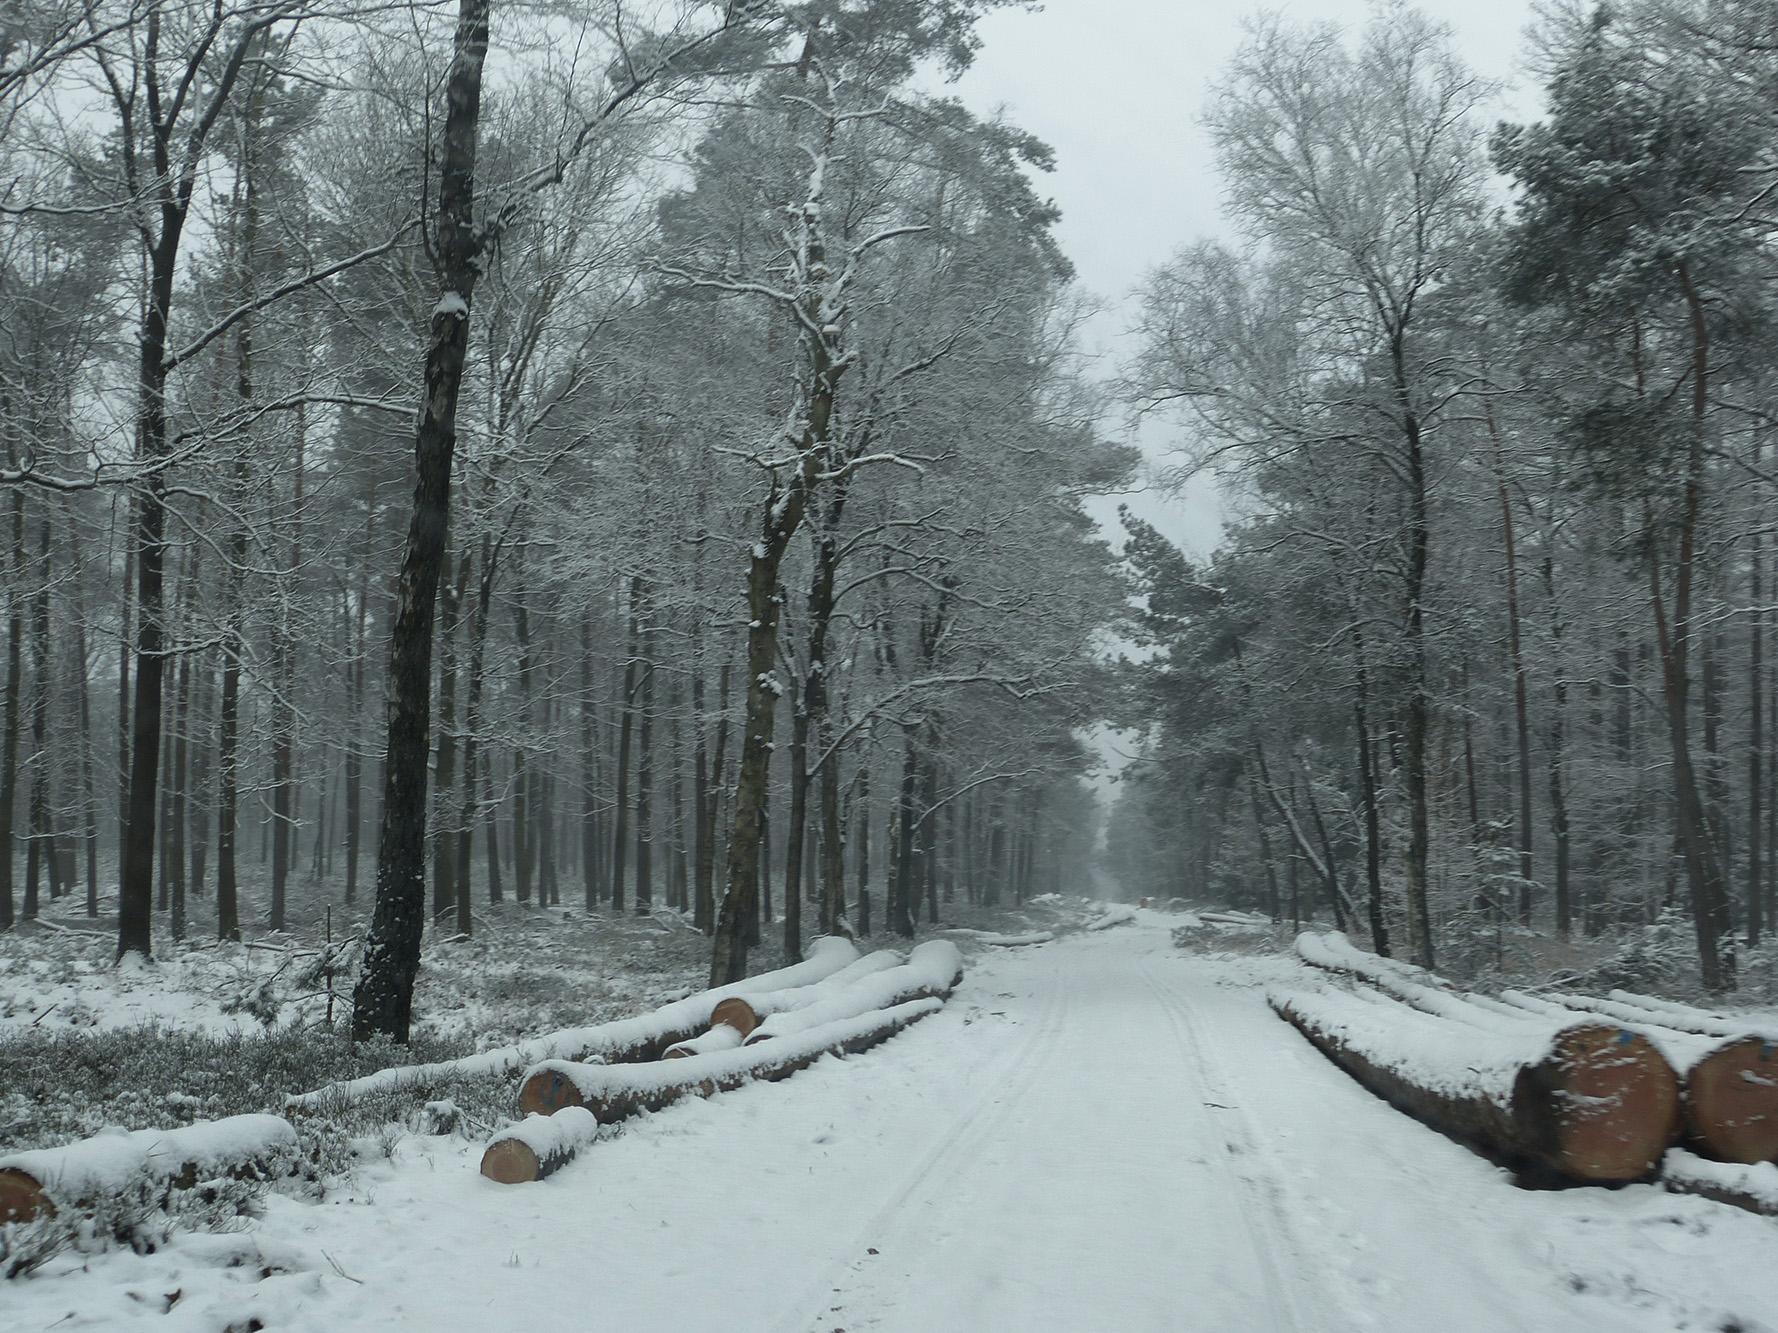 Langs de weg liggen omgezaagde boomstammen te wachten om opgehaald te worden - Foto: ©Louis Fraanje